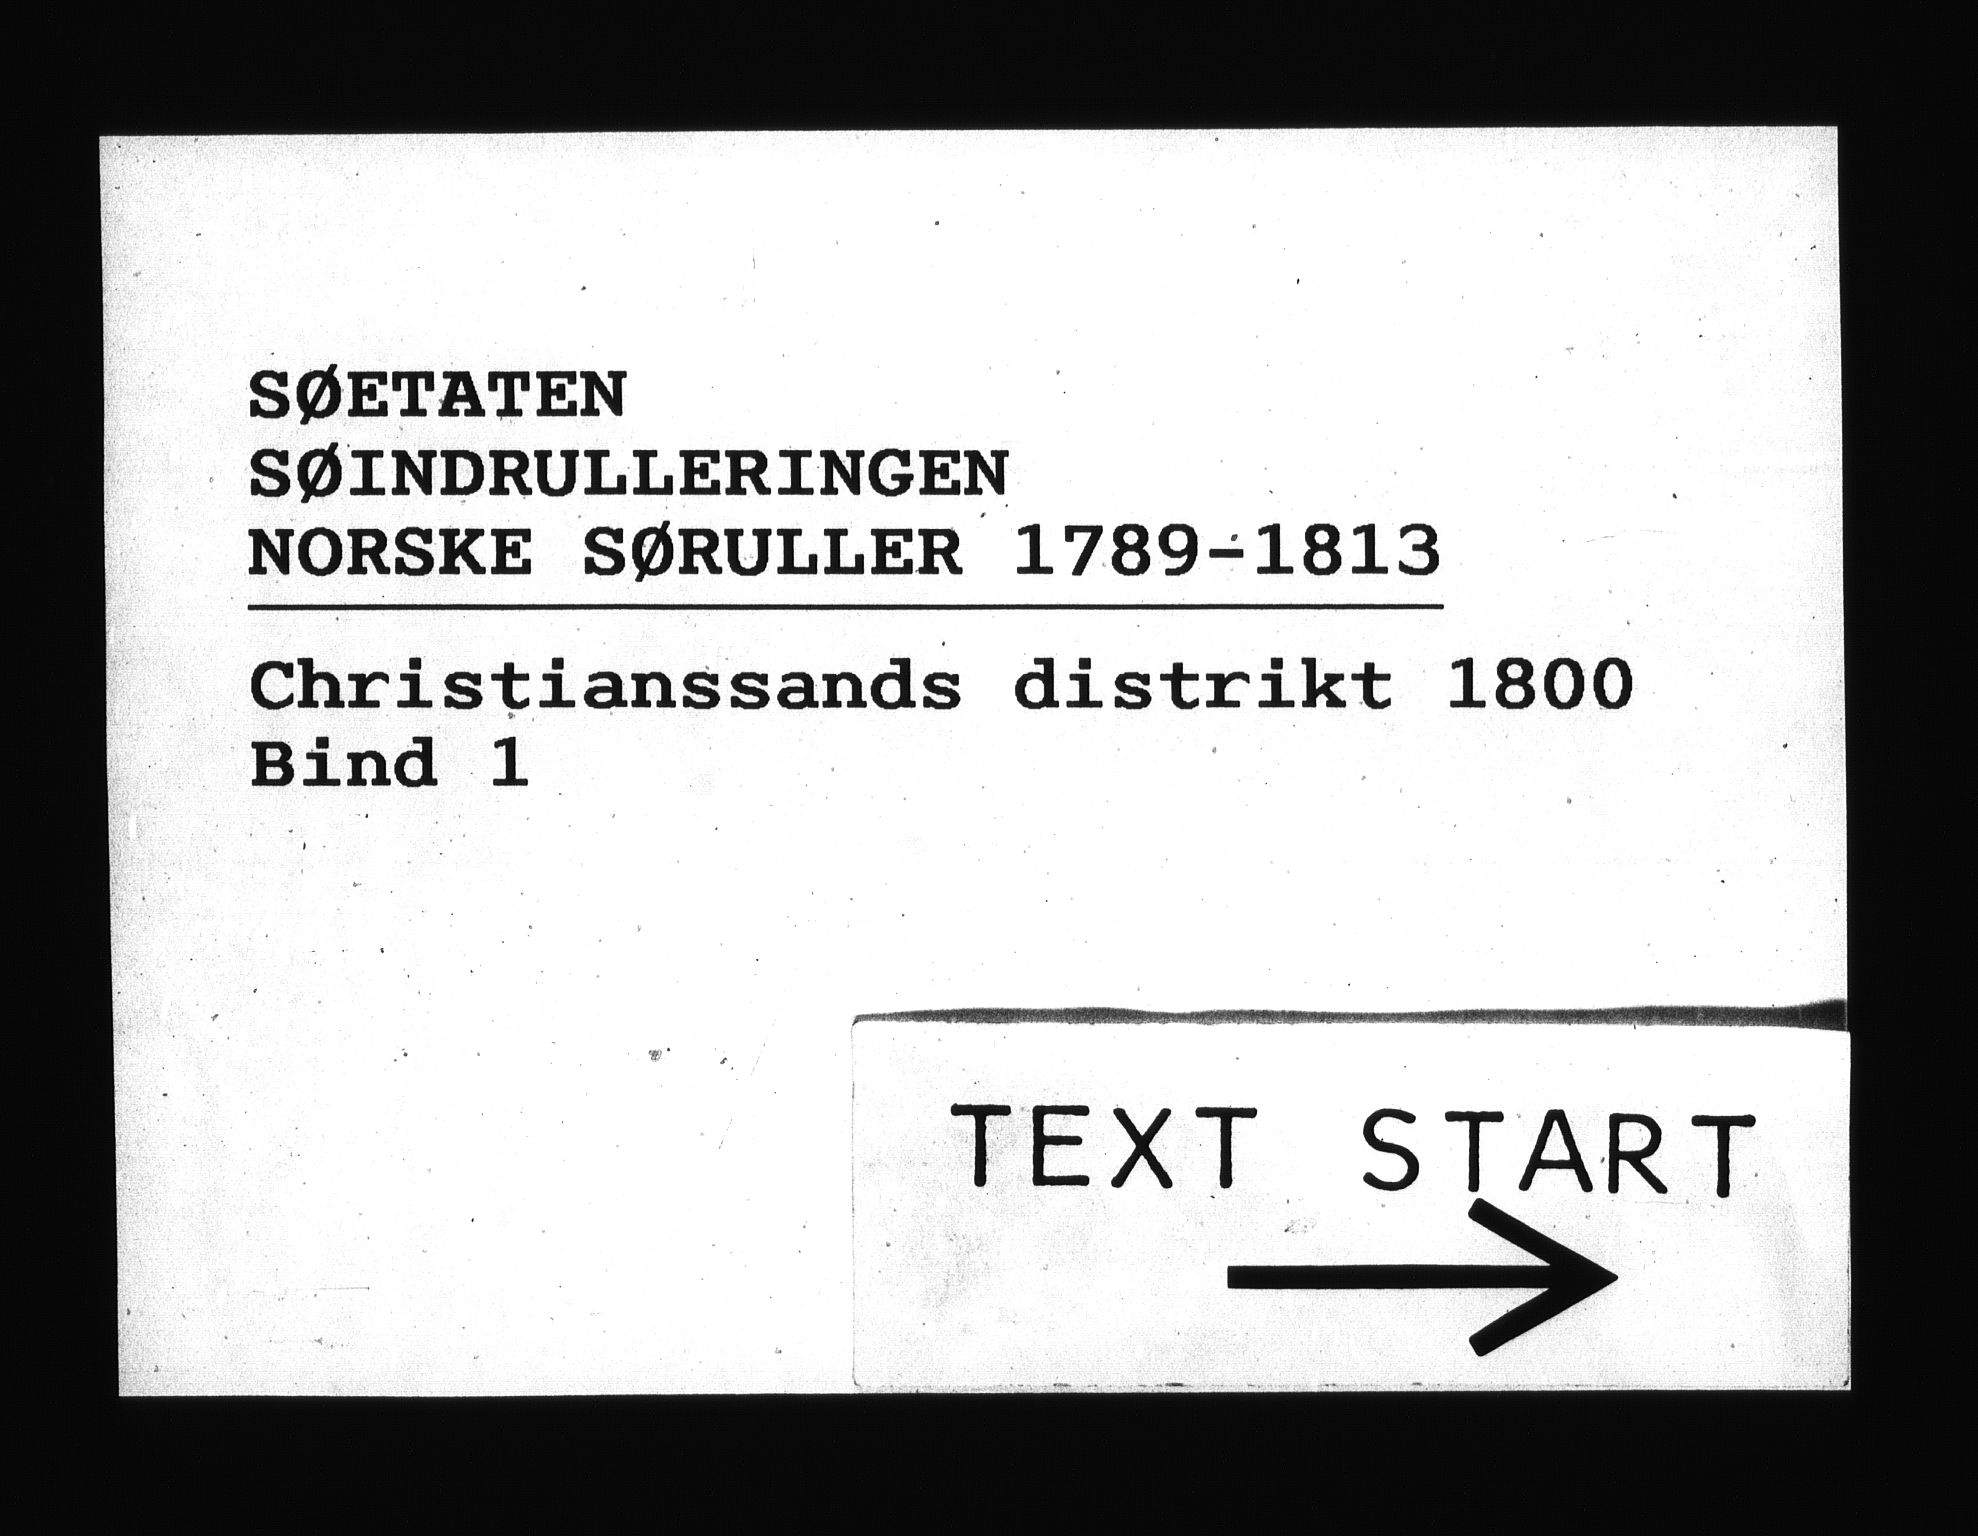 RA, Sjøetaten, F/L0036: Kristiansand distrikt, bind 1, 1800